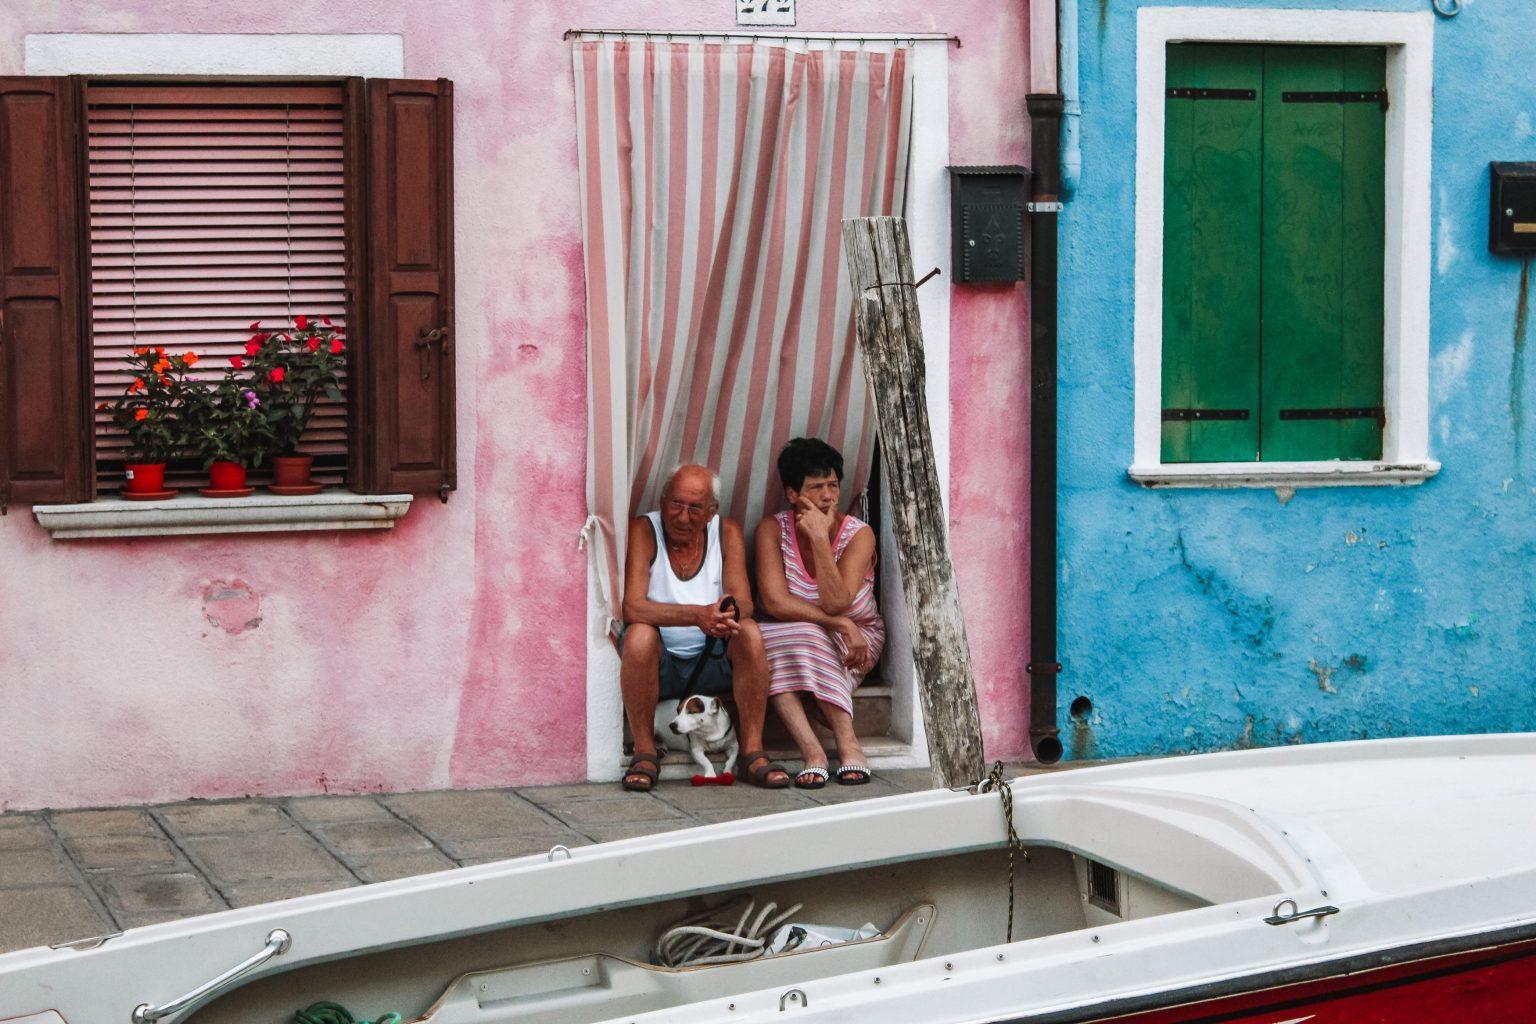 Locals die lekker kijken naar wat voorbij loopt | Burano, Venetië